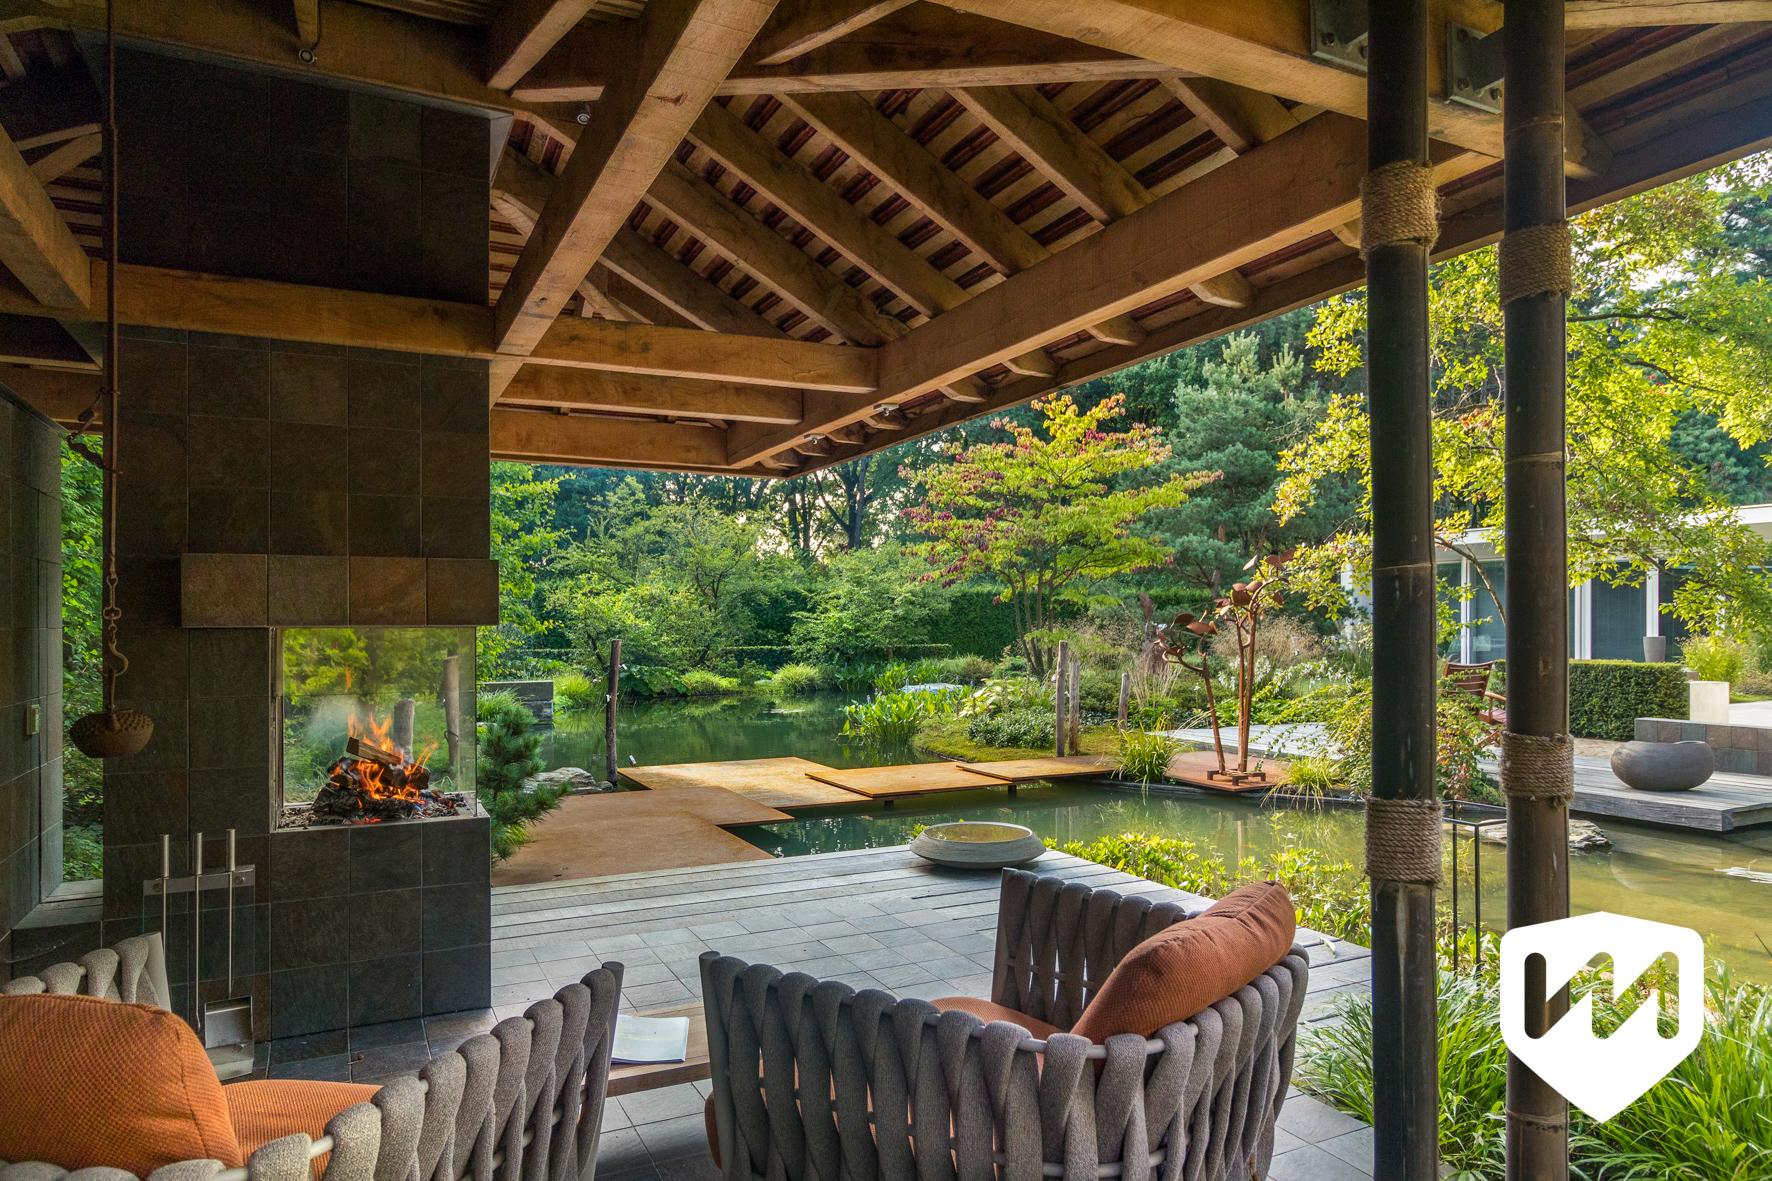 Japanse watertuin, Noël van Mierlo, Tuinontwerp, tuinseizoen